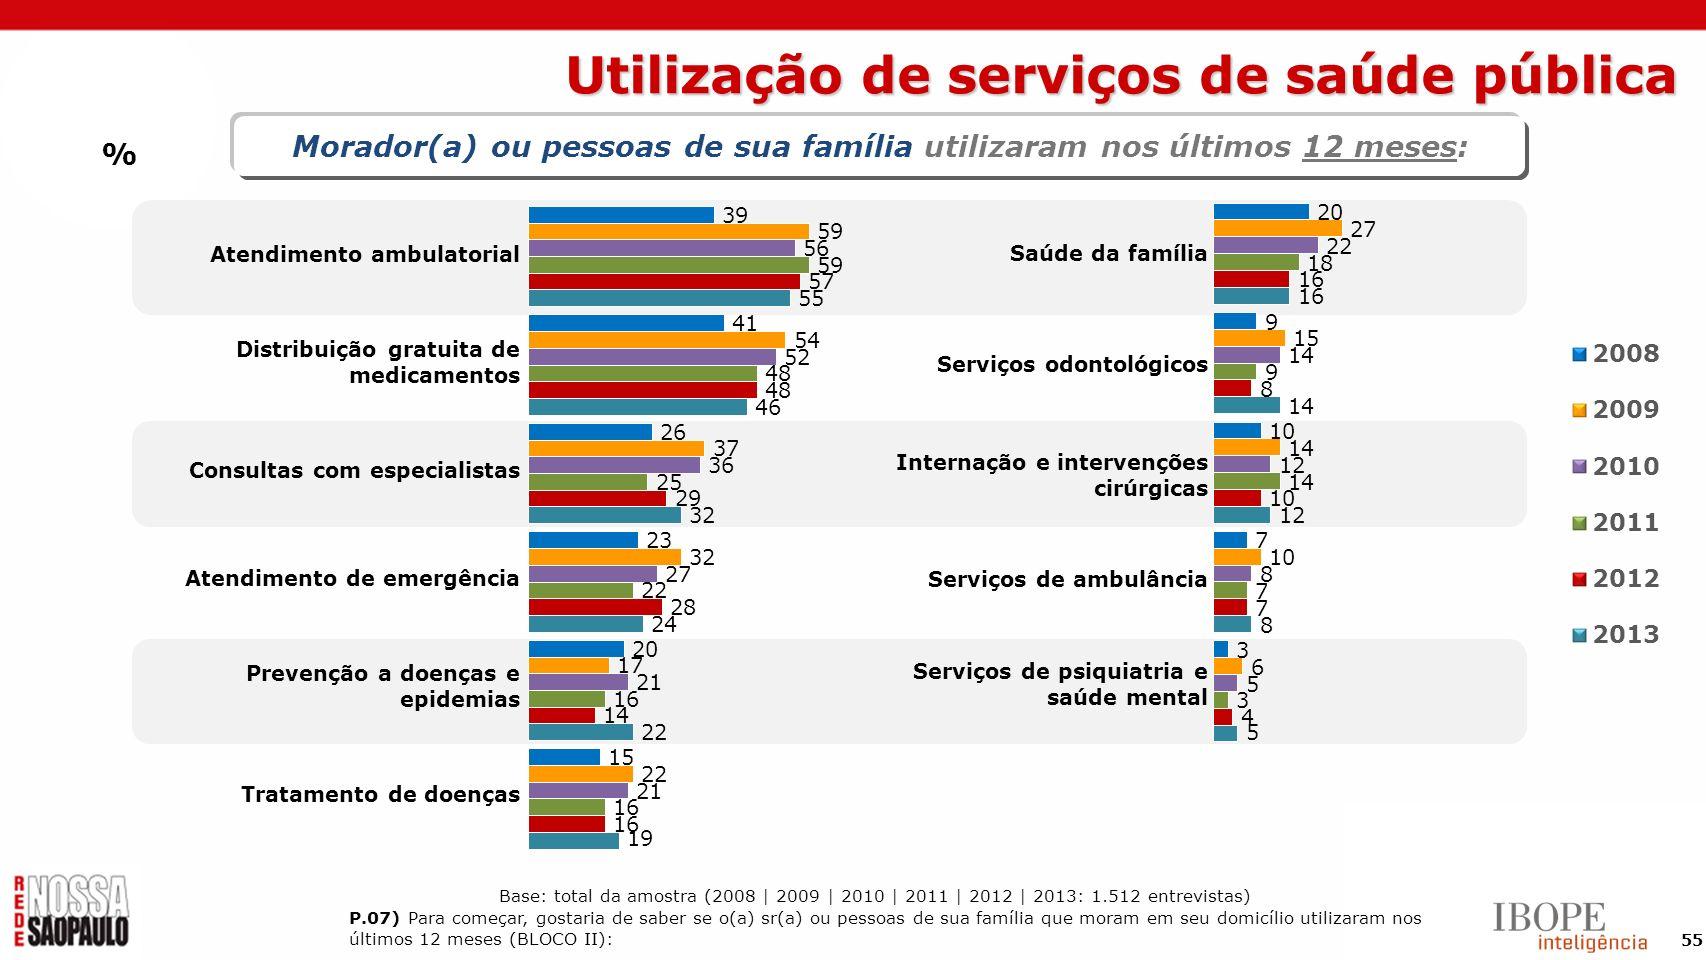 Utilização de serviços de saúde pública